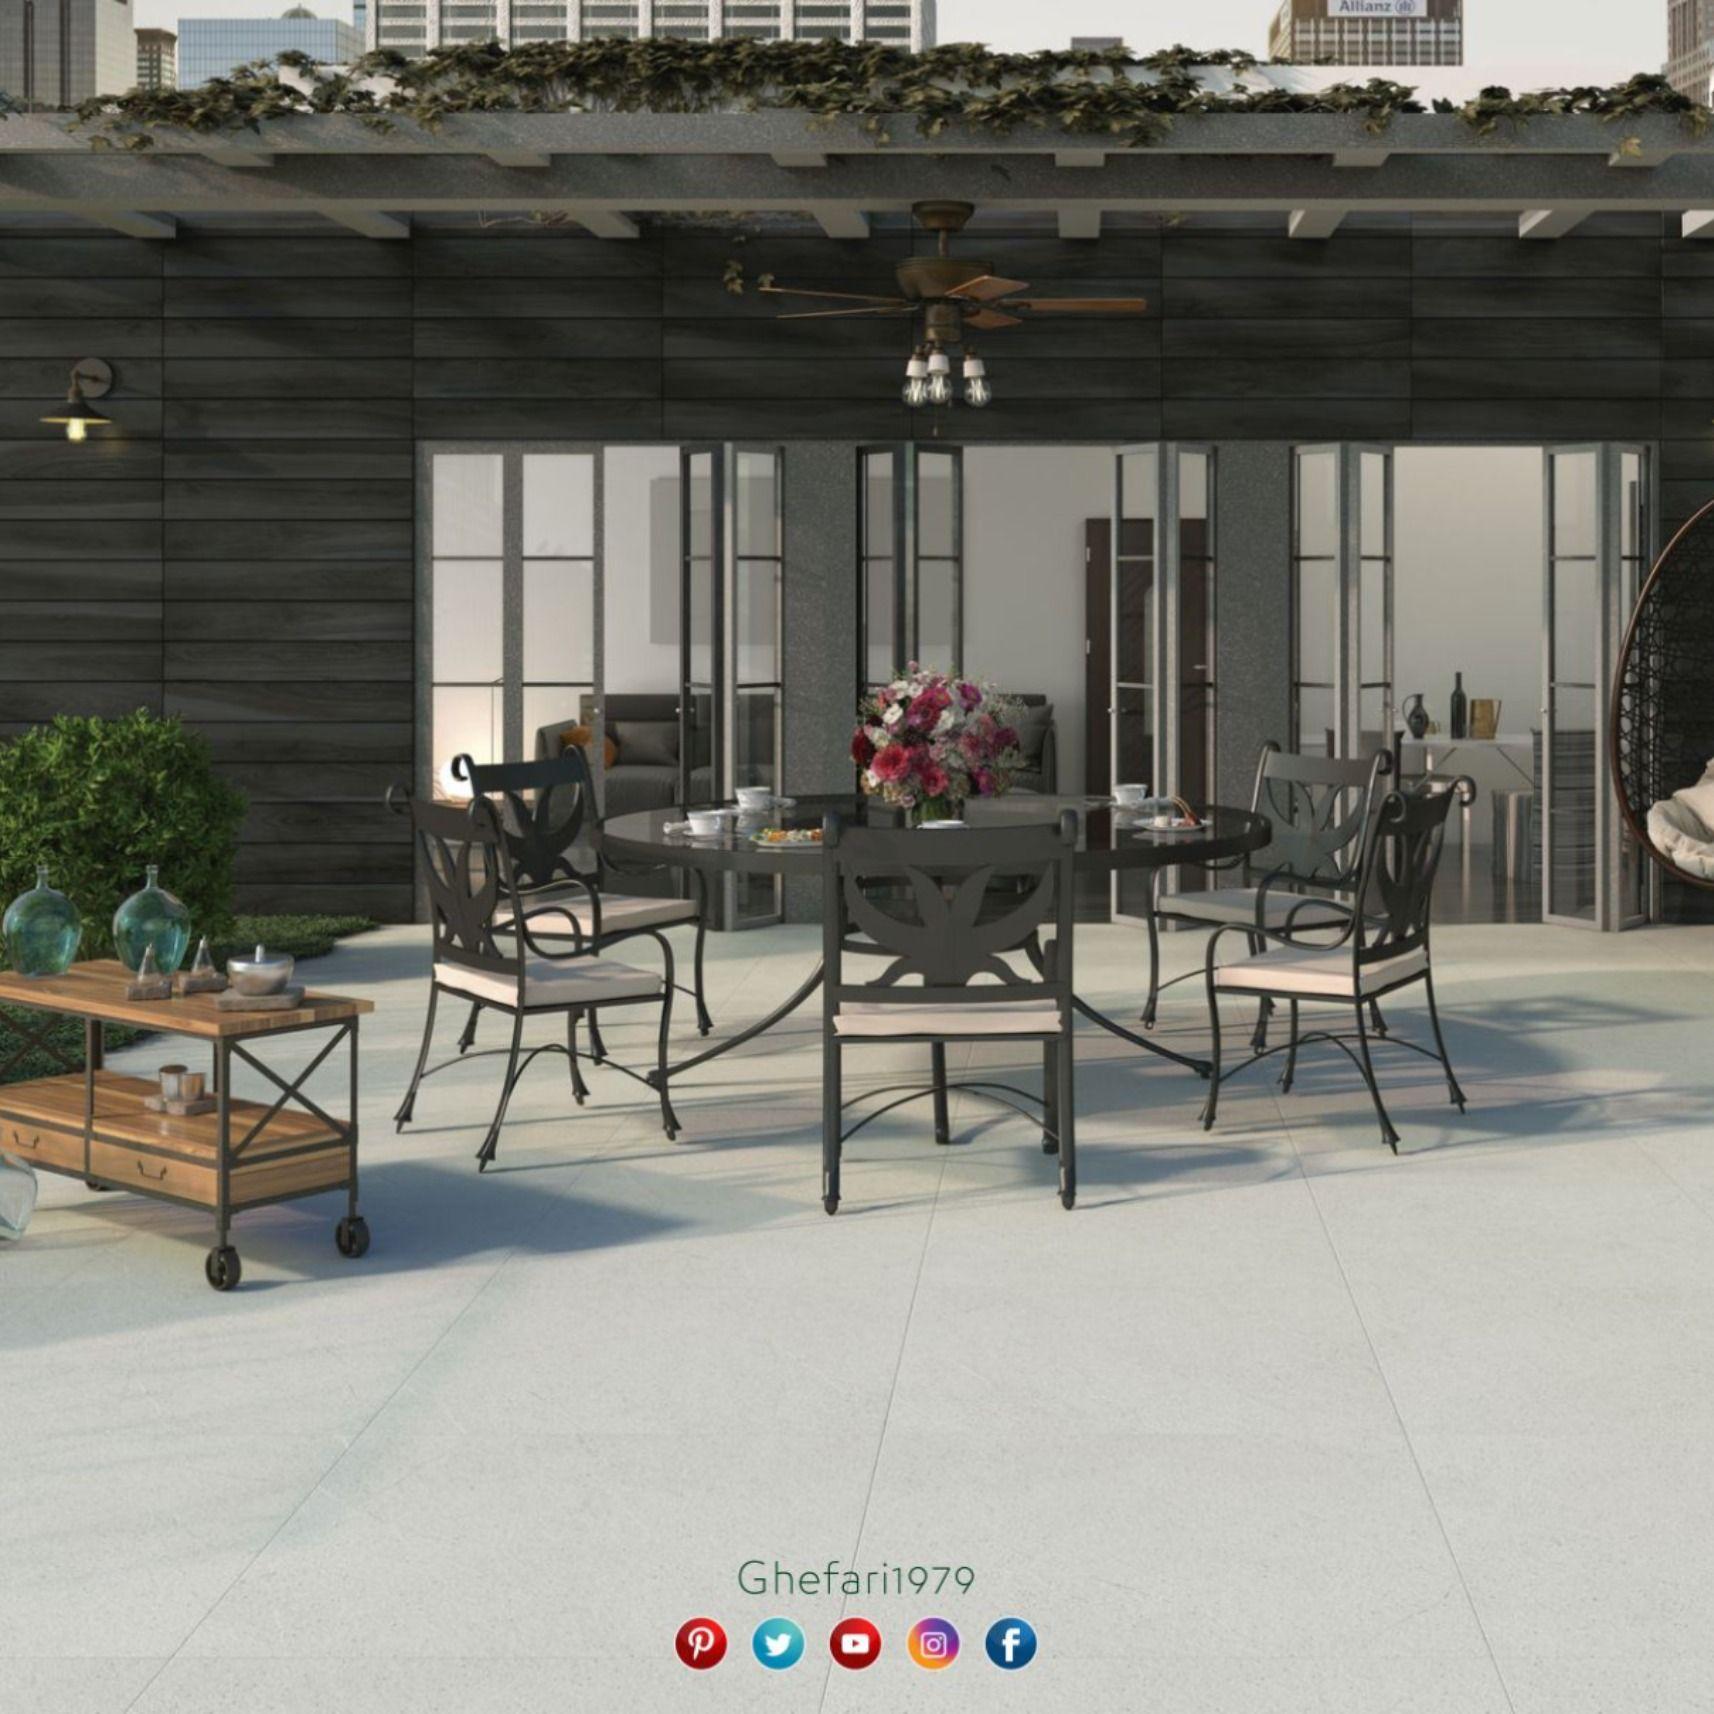 بورسلان ارضي أسباني Rocersa Ceramica للاستخدام الخارجي للحدائق اماكن اخرى للمزيد زورونا على موقع الشركة Https Www Ghef Outdoor Decor Home Decor Decor